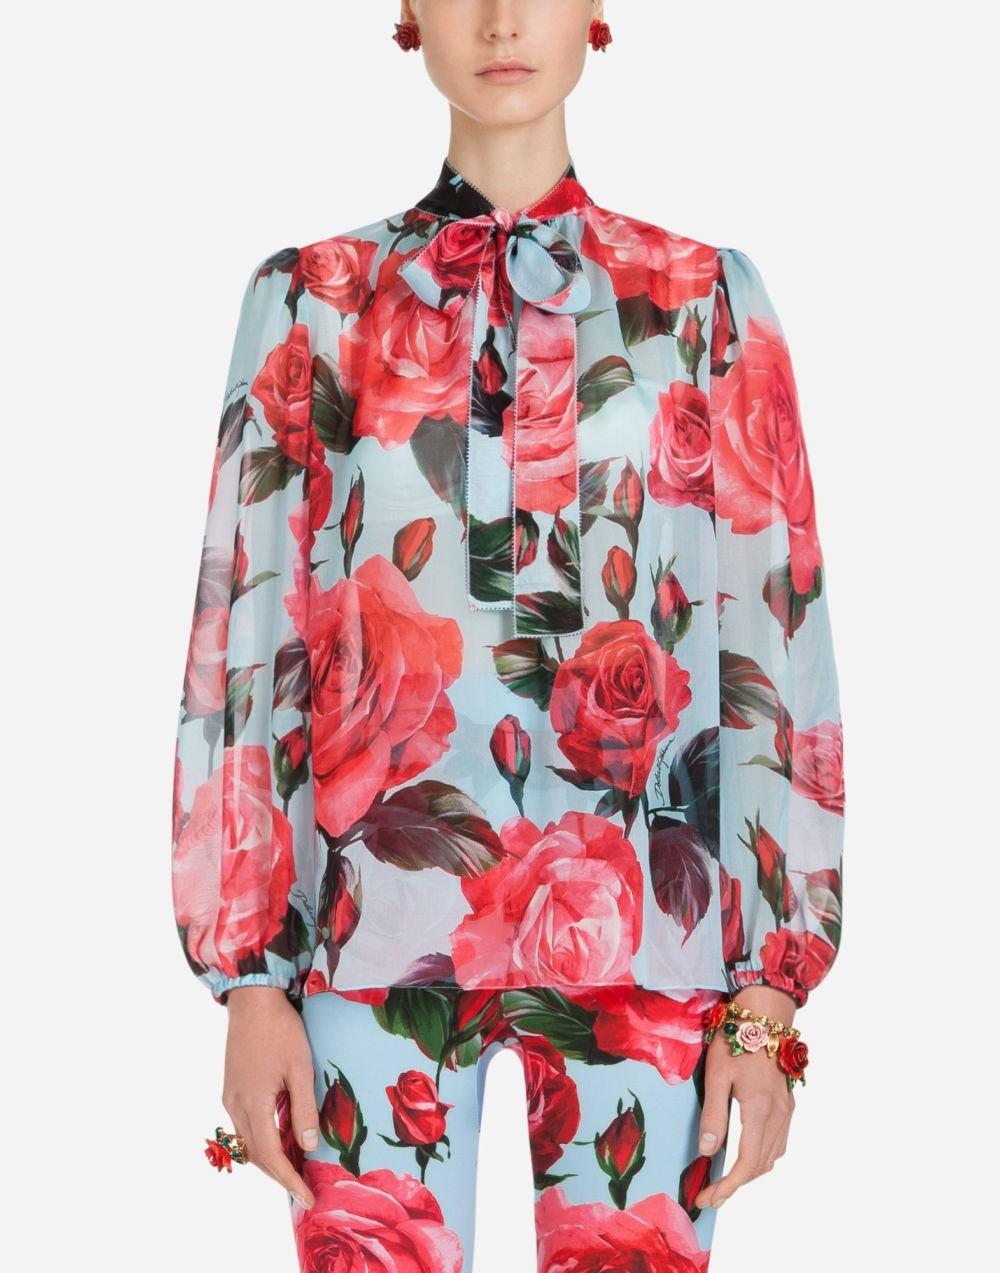 Модные юбки 2019: фото фасонов, тенденции женской моды весны и лета изоражения